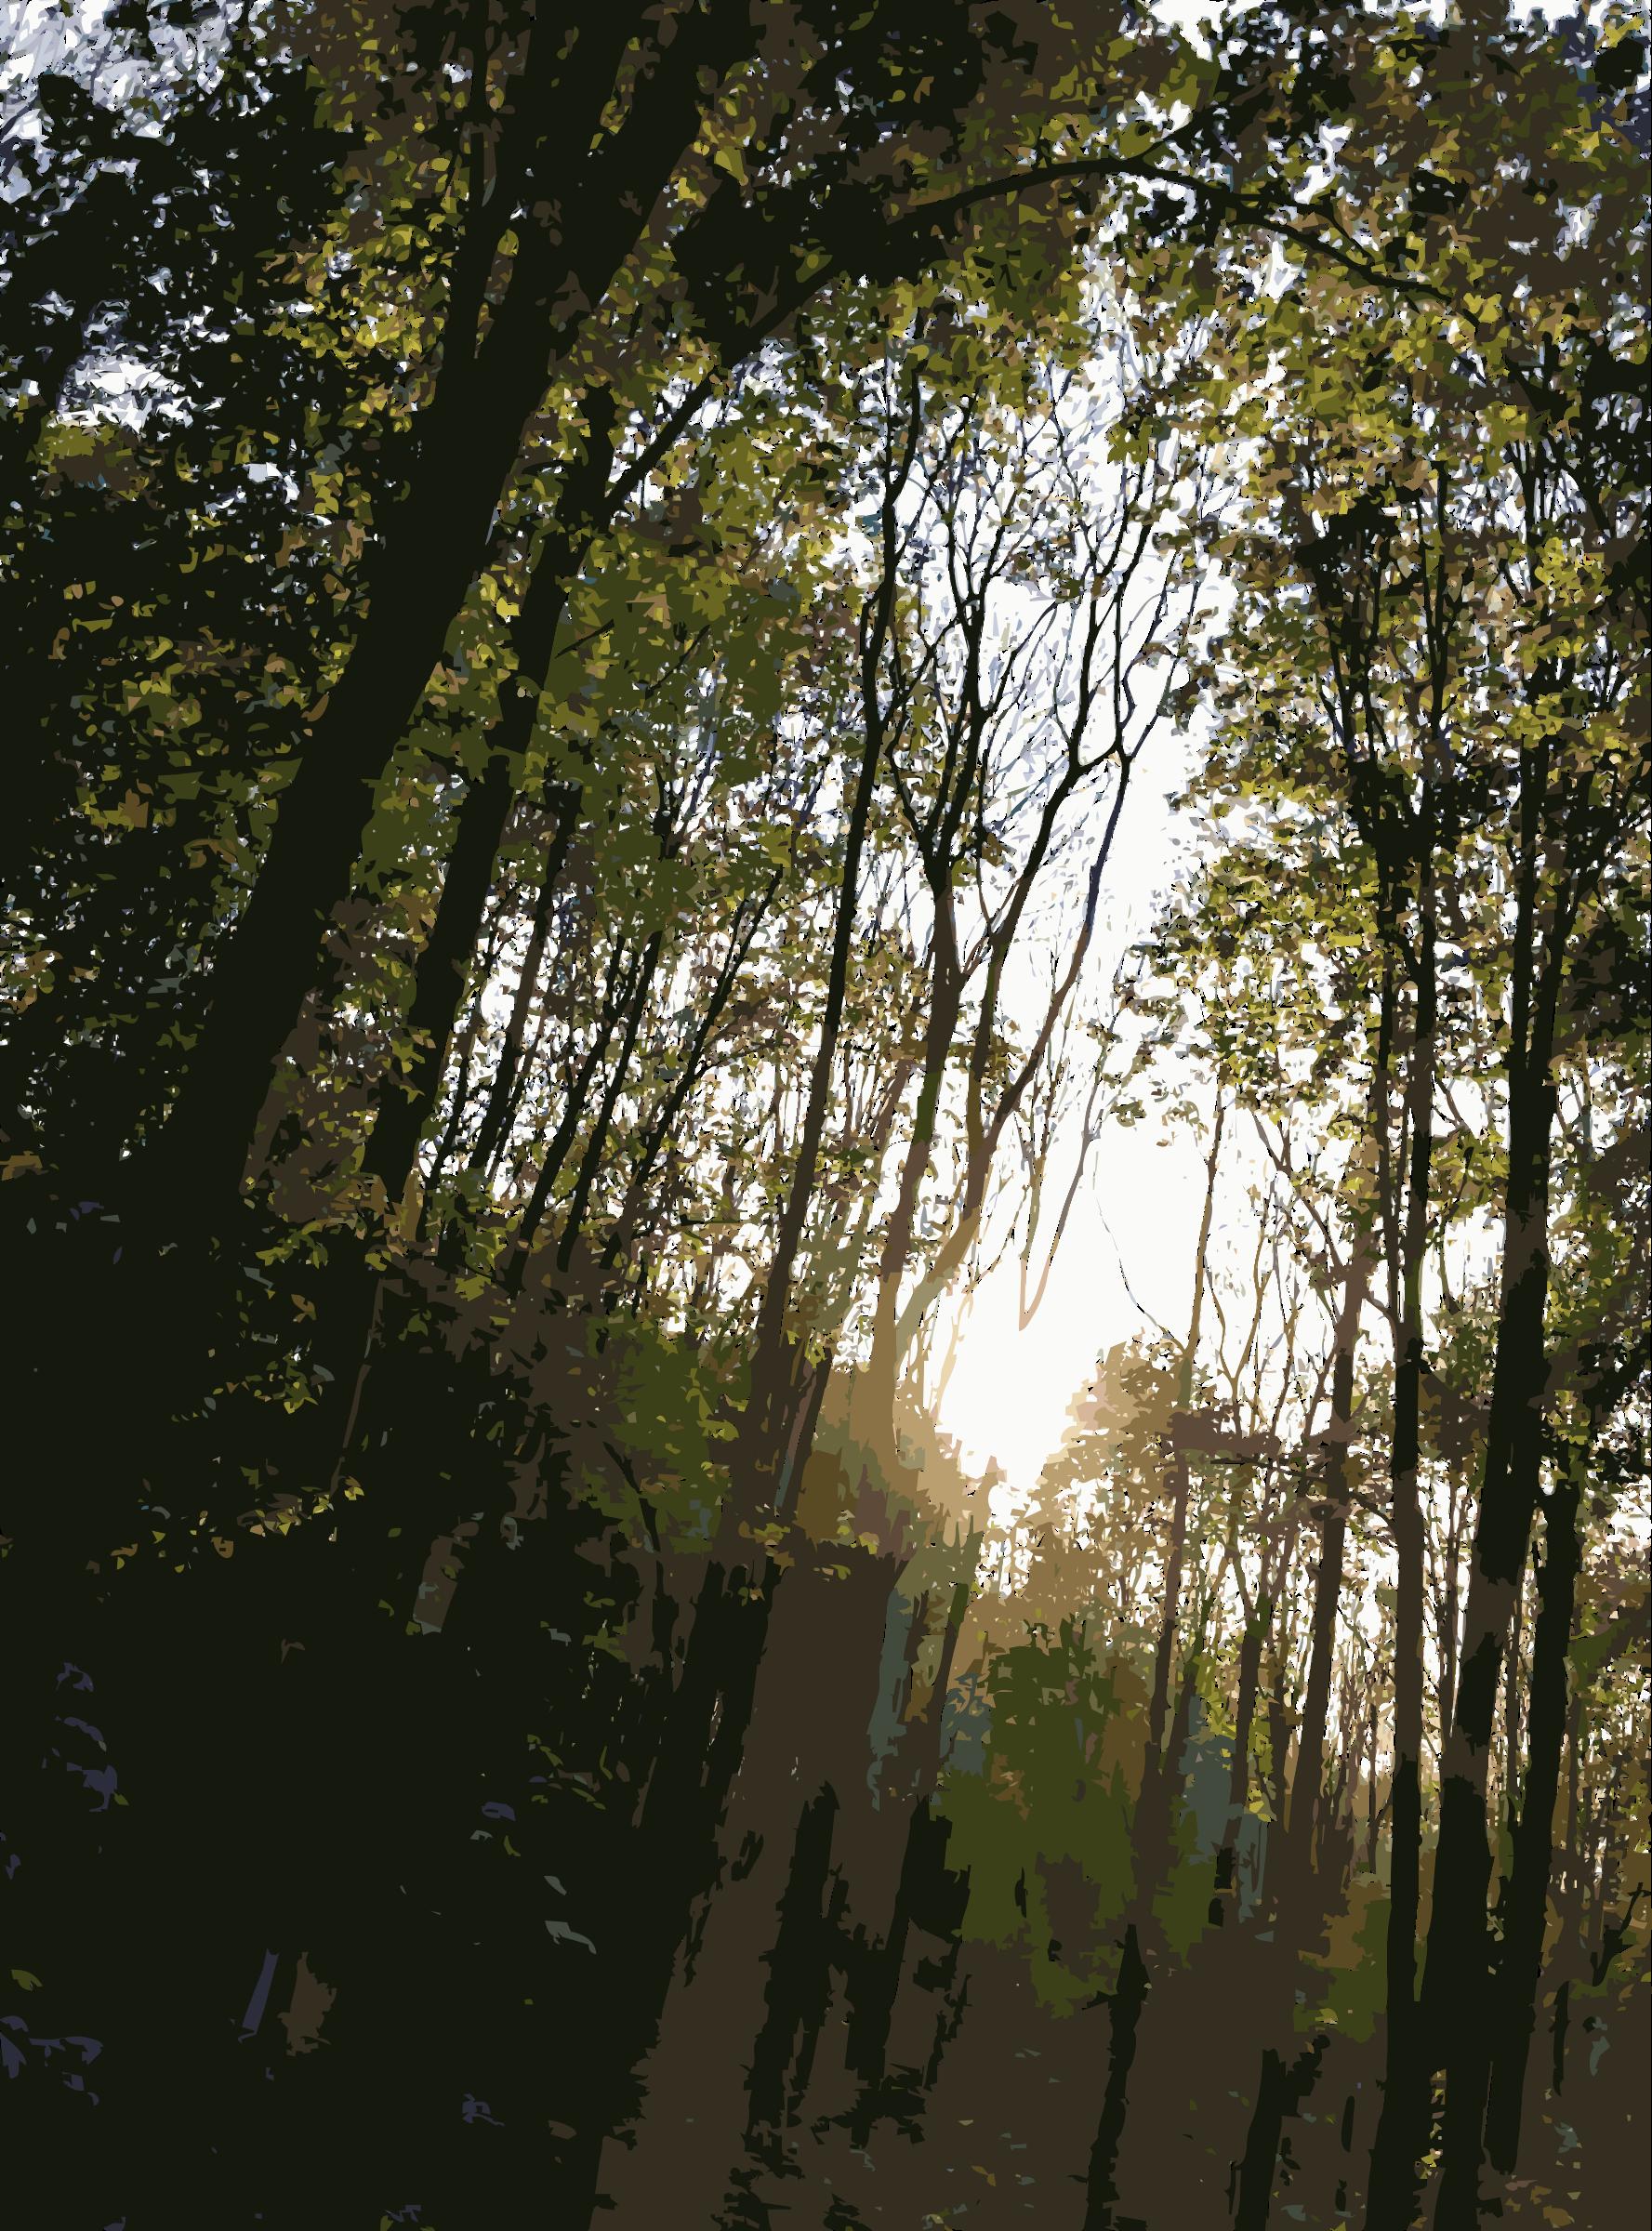 Woodland clipart natural vegetation. Lichtscheid forest again big